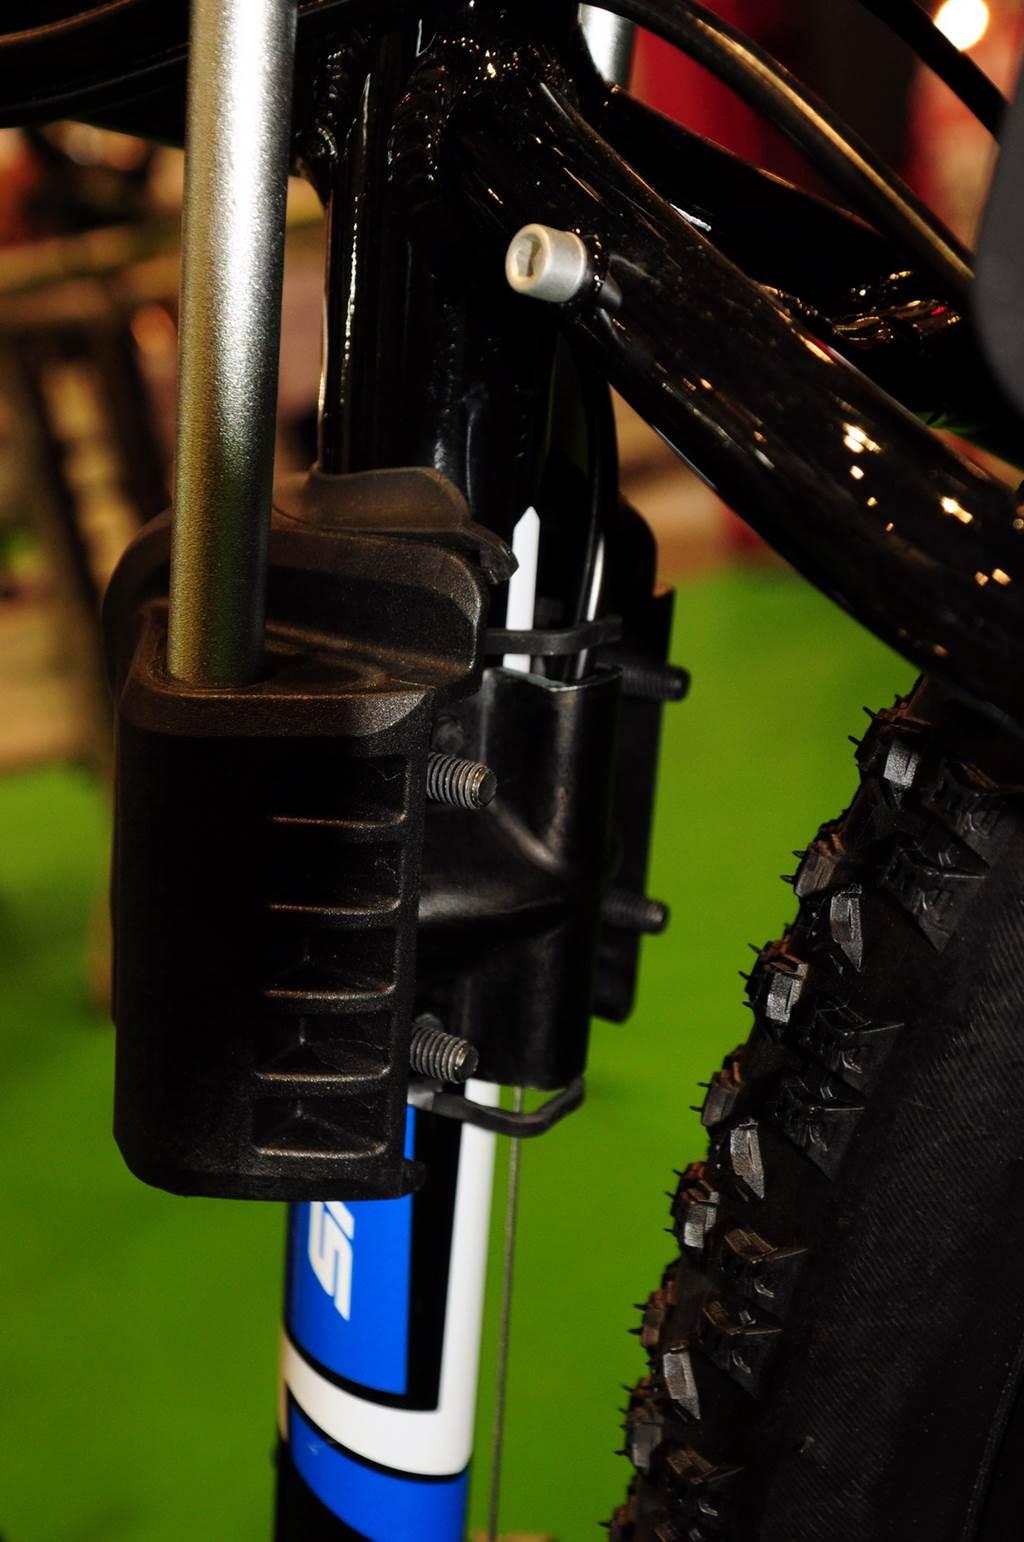 Az adaptert akkor is fel lehet rögzíteni ha bovden útban van Forrás: Mozgásvilág